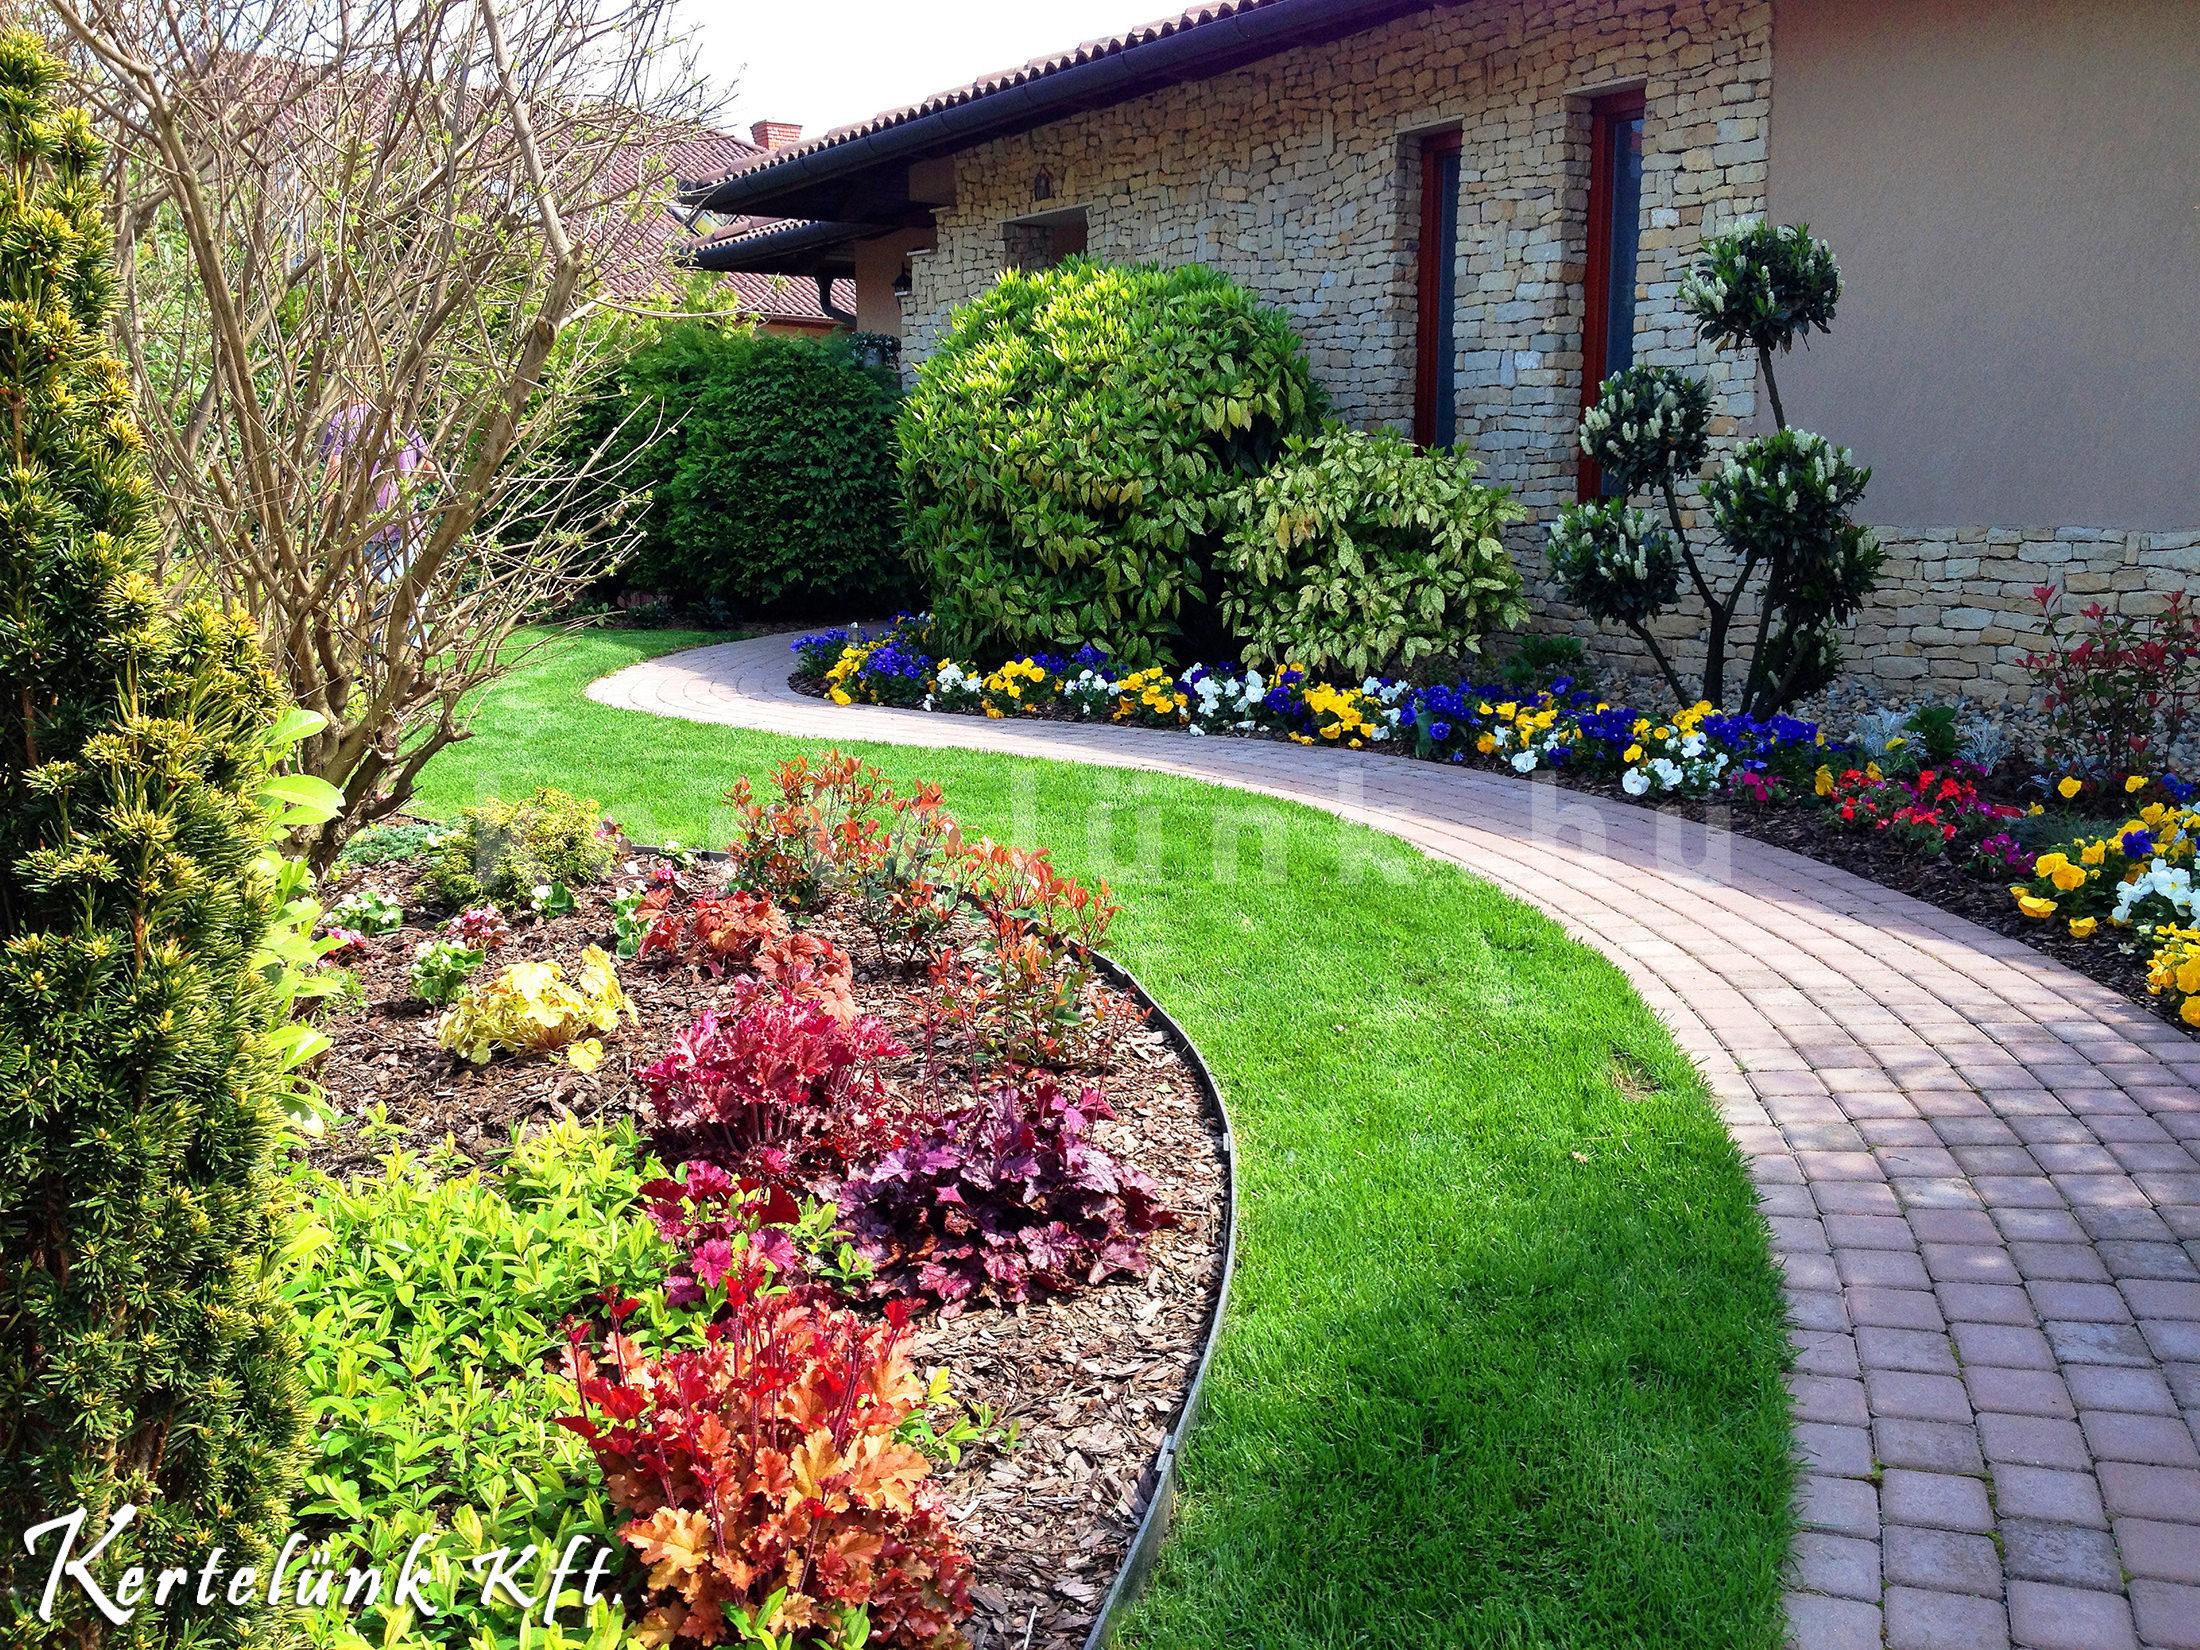 Egyik kedvenc referencia képünk, színes virágokkal, romantikus kerti úttal.